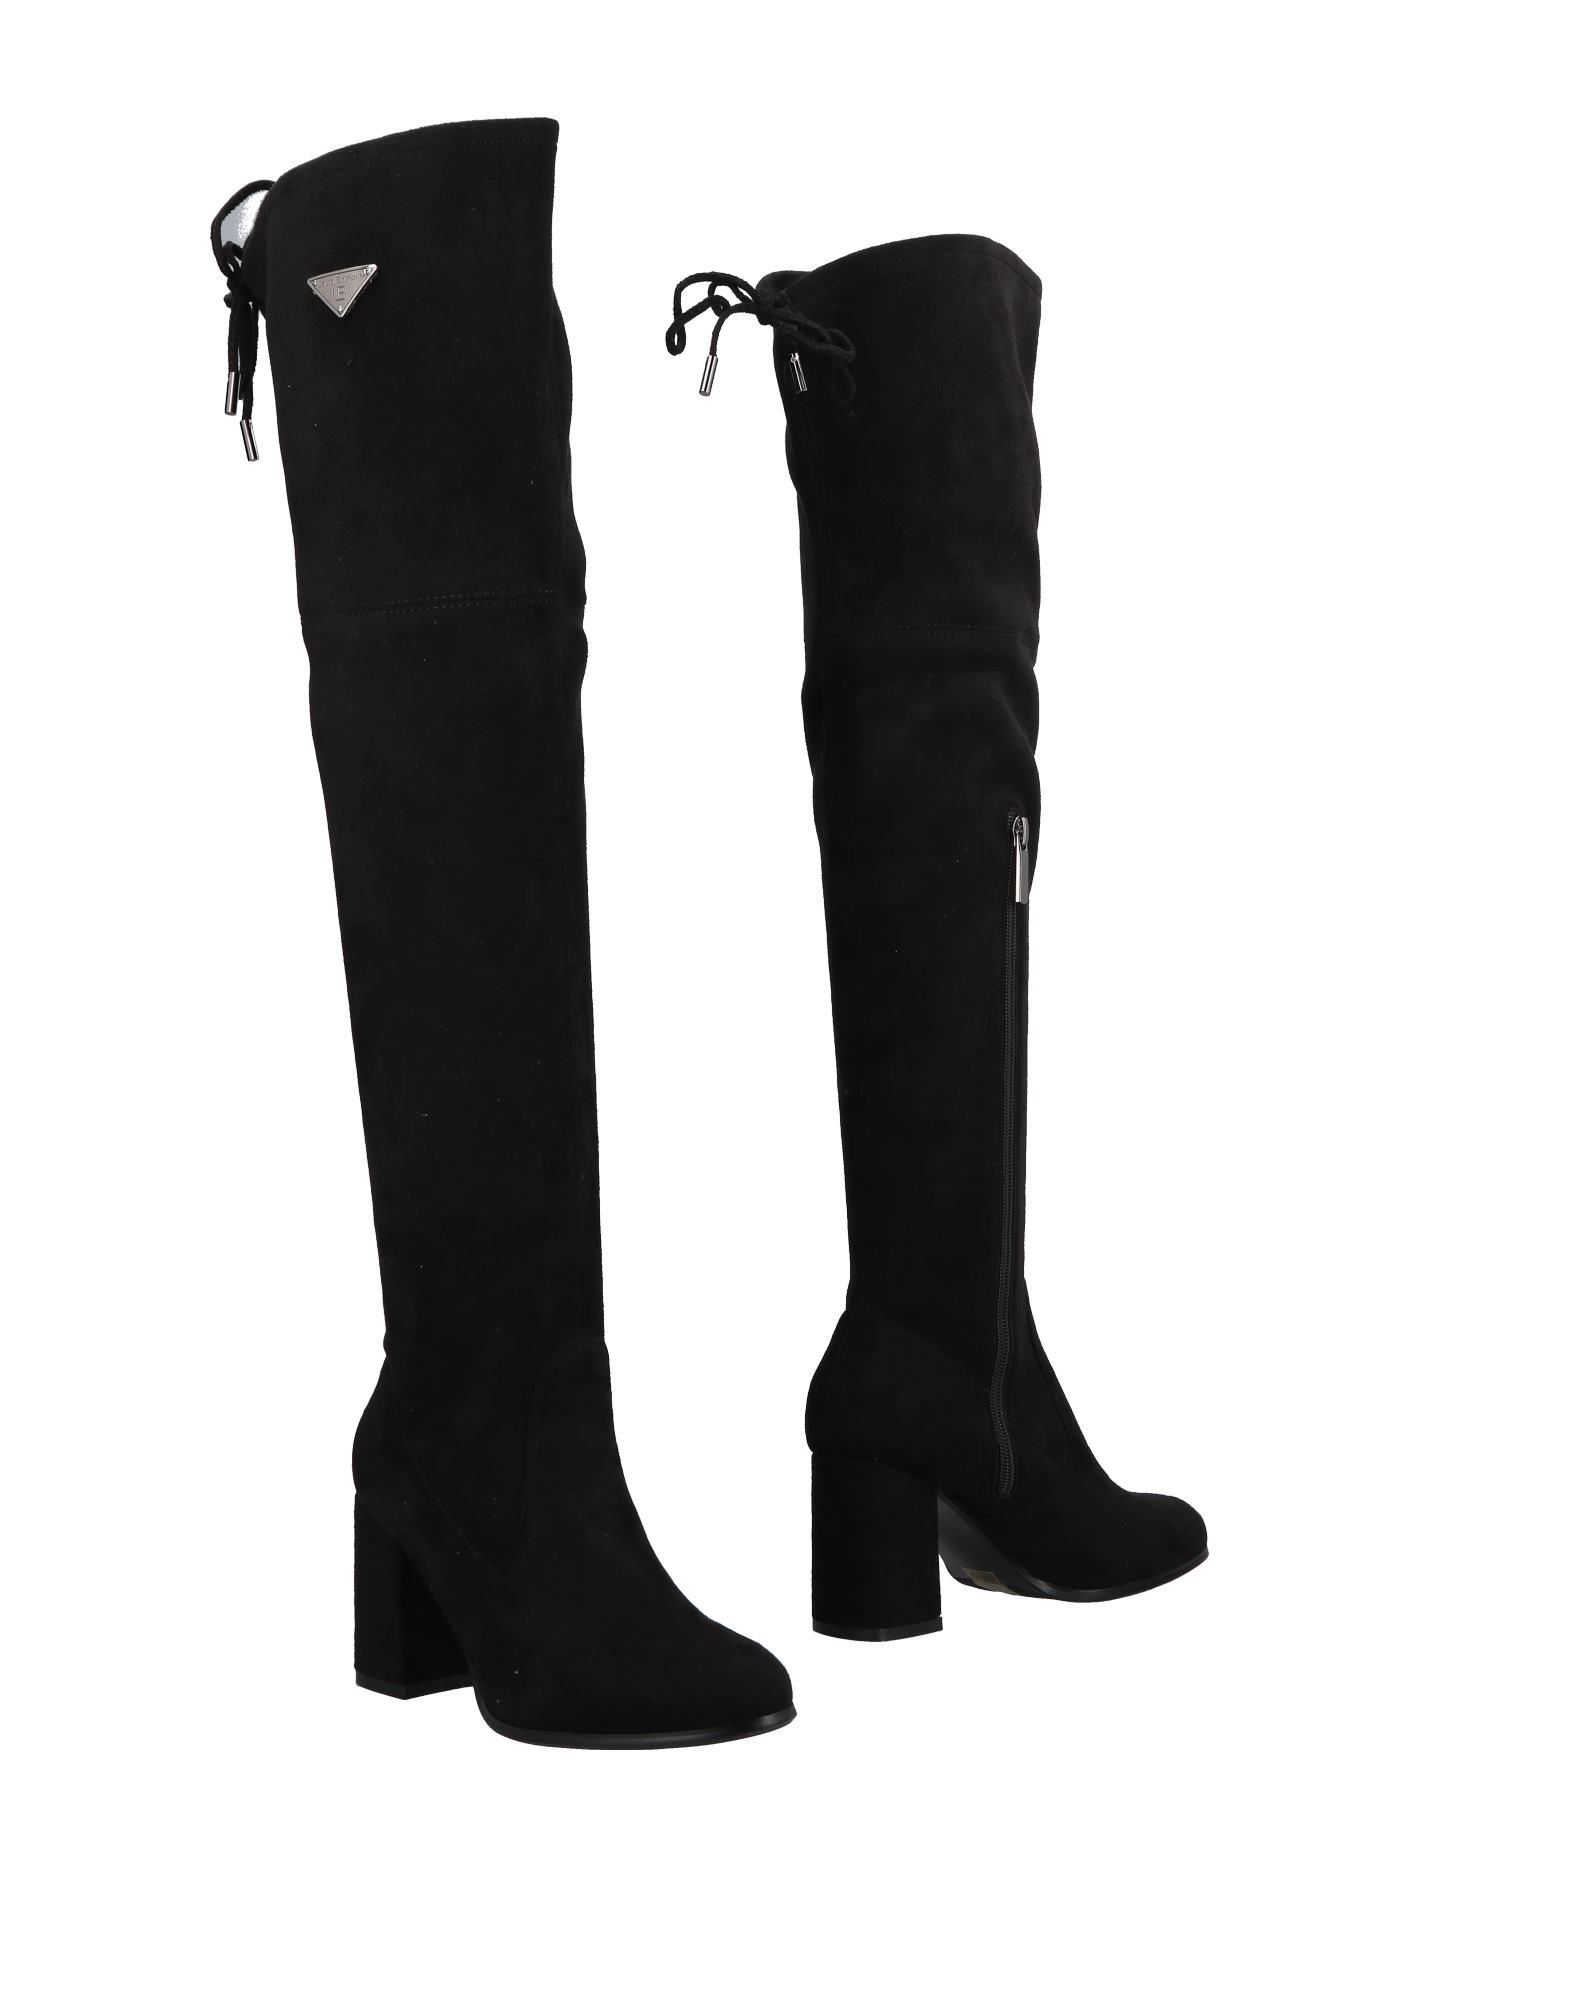 Laura Biagiotti Stiefel Damen  11504555LG Gute Qualität beliebte Schuhe